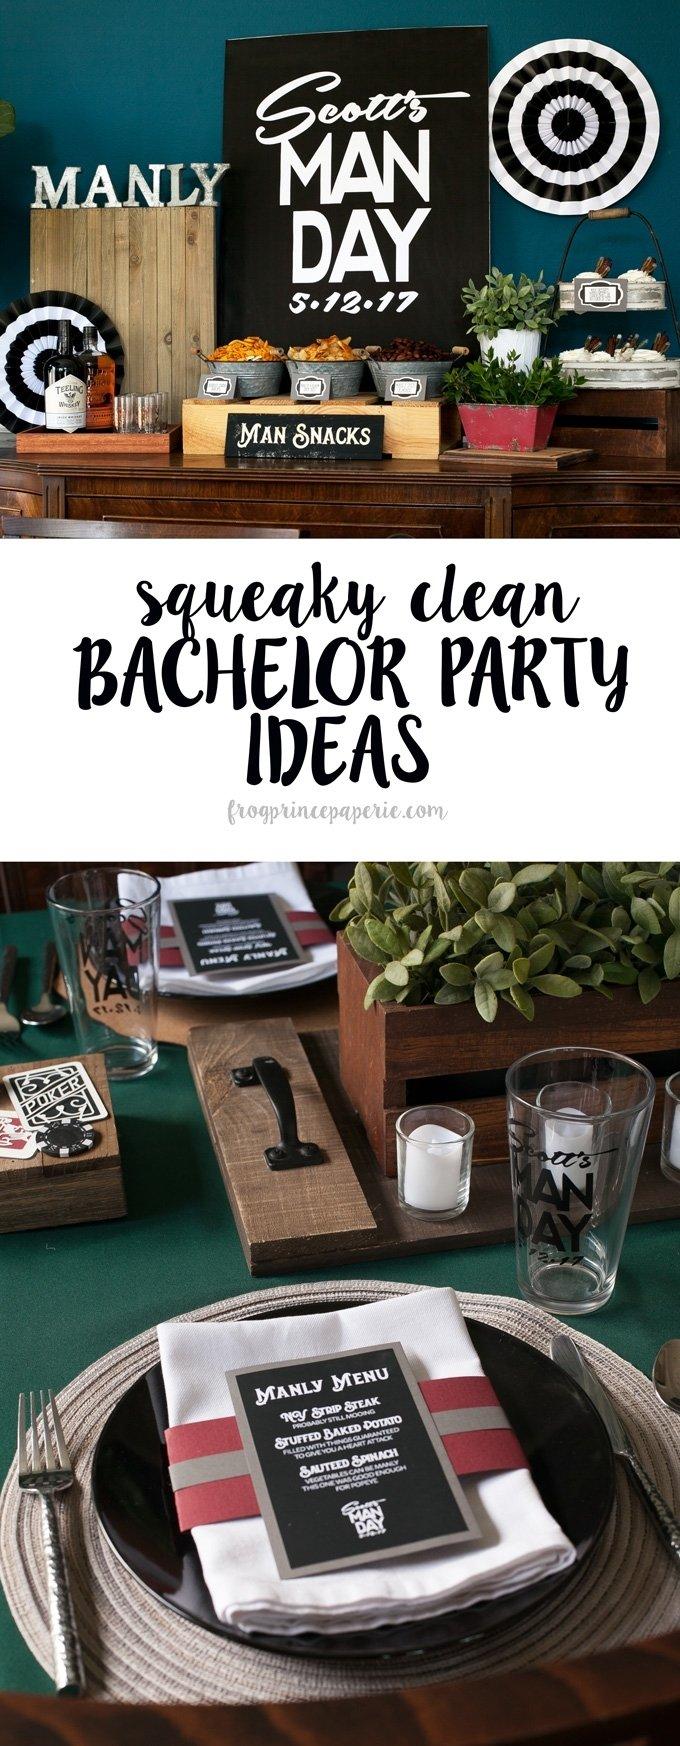 10 Elegant Last Minute Bachelor Party Ideas squeaky clean bachelor party ideas with cricut frog prince paperie 2020